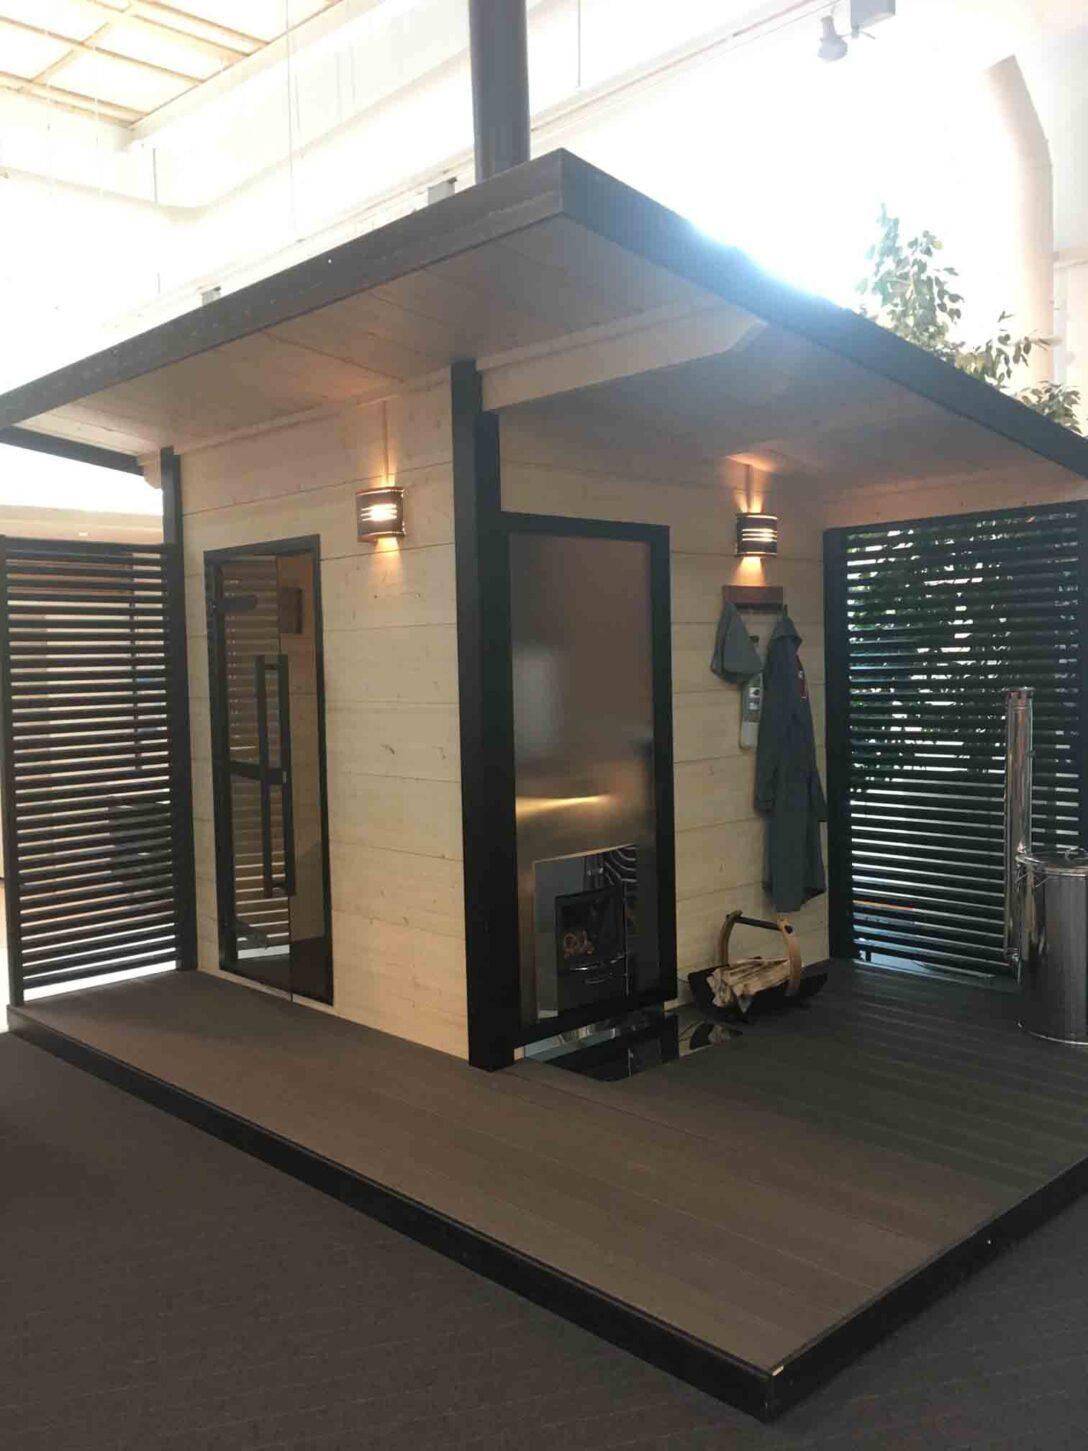 Large Size of Sauna Kaufen Günstig Sofa Gebrauchte Fenster Regal Küche Ikea Regale Online Breaking Bad Dusche Mit Elektrogeräten Bett Duschen Einbauküche Tipps Big Wohnzimmer Sauna Kaufen